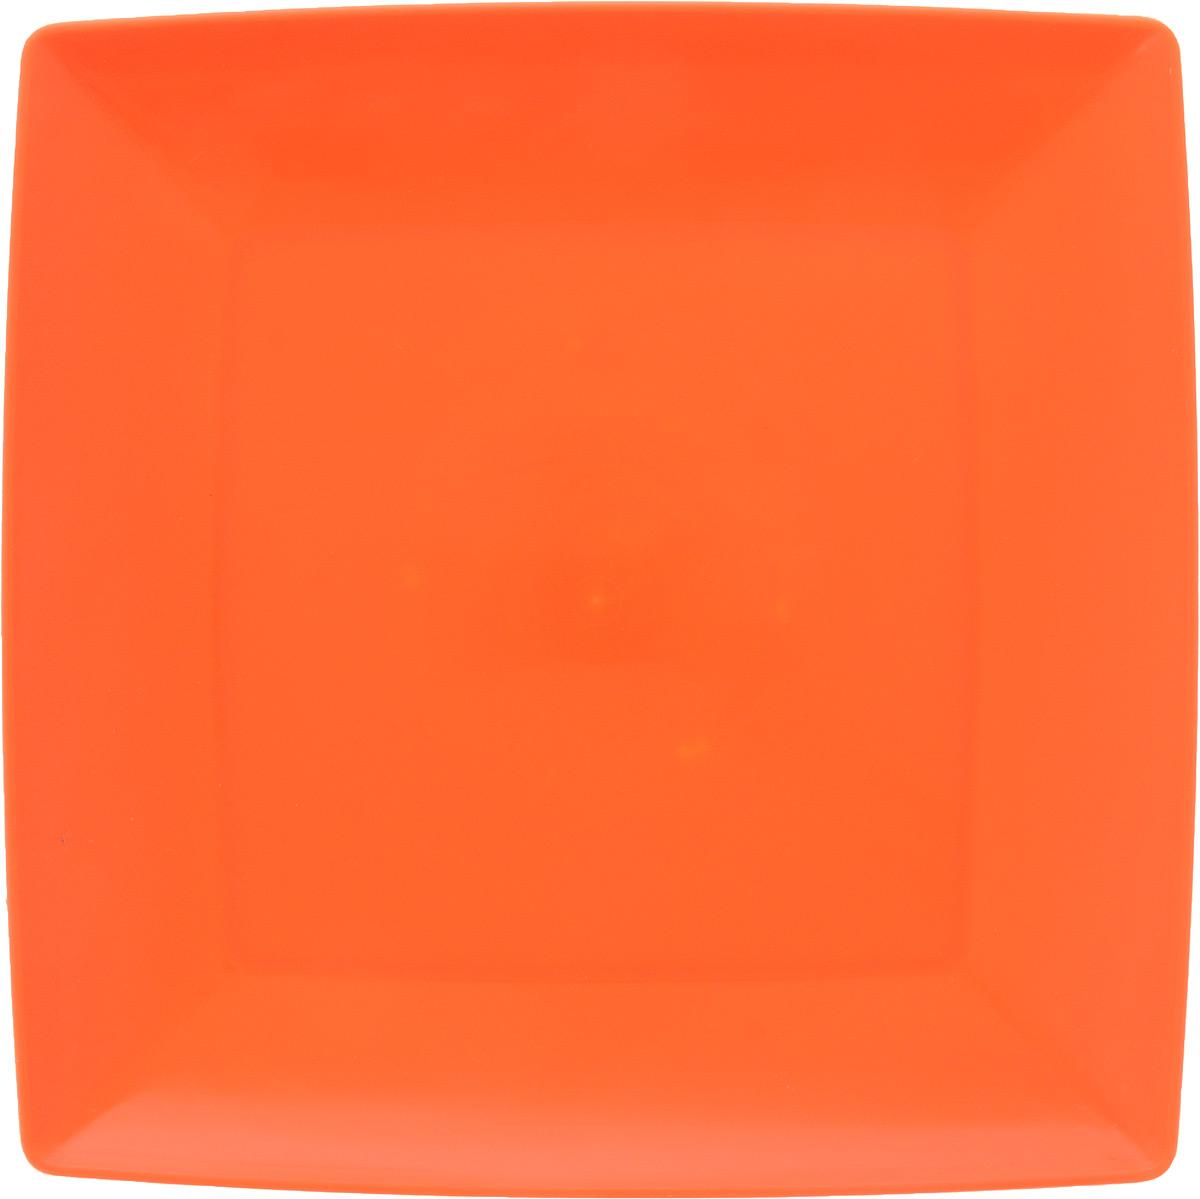 Тарелка Gotoff, цвет: оранжевый, 23,5 х 23,5 смWTC-633_оранжевыйКвадратная тарелка Gotoff выполнена из прочного пищевого полипропилена. Изделие отлично подойдет как для холодных, так и для горячих блюд. Его удобно использовать дома или на даче, брать с собой на пикники и в поездки. Отличный вариант для детских праздников. Такая тарелка не разобьется и будет служить вам долгое время.Можно использовать в СВЧ, ставить в морозилку при температуре -25°С и мыть в посудомоечной машине при температуре +95°С.